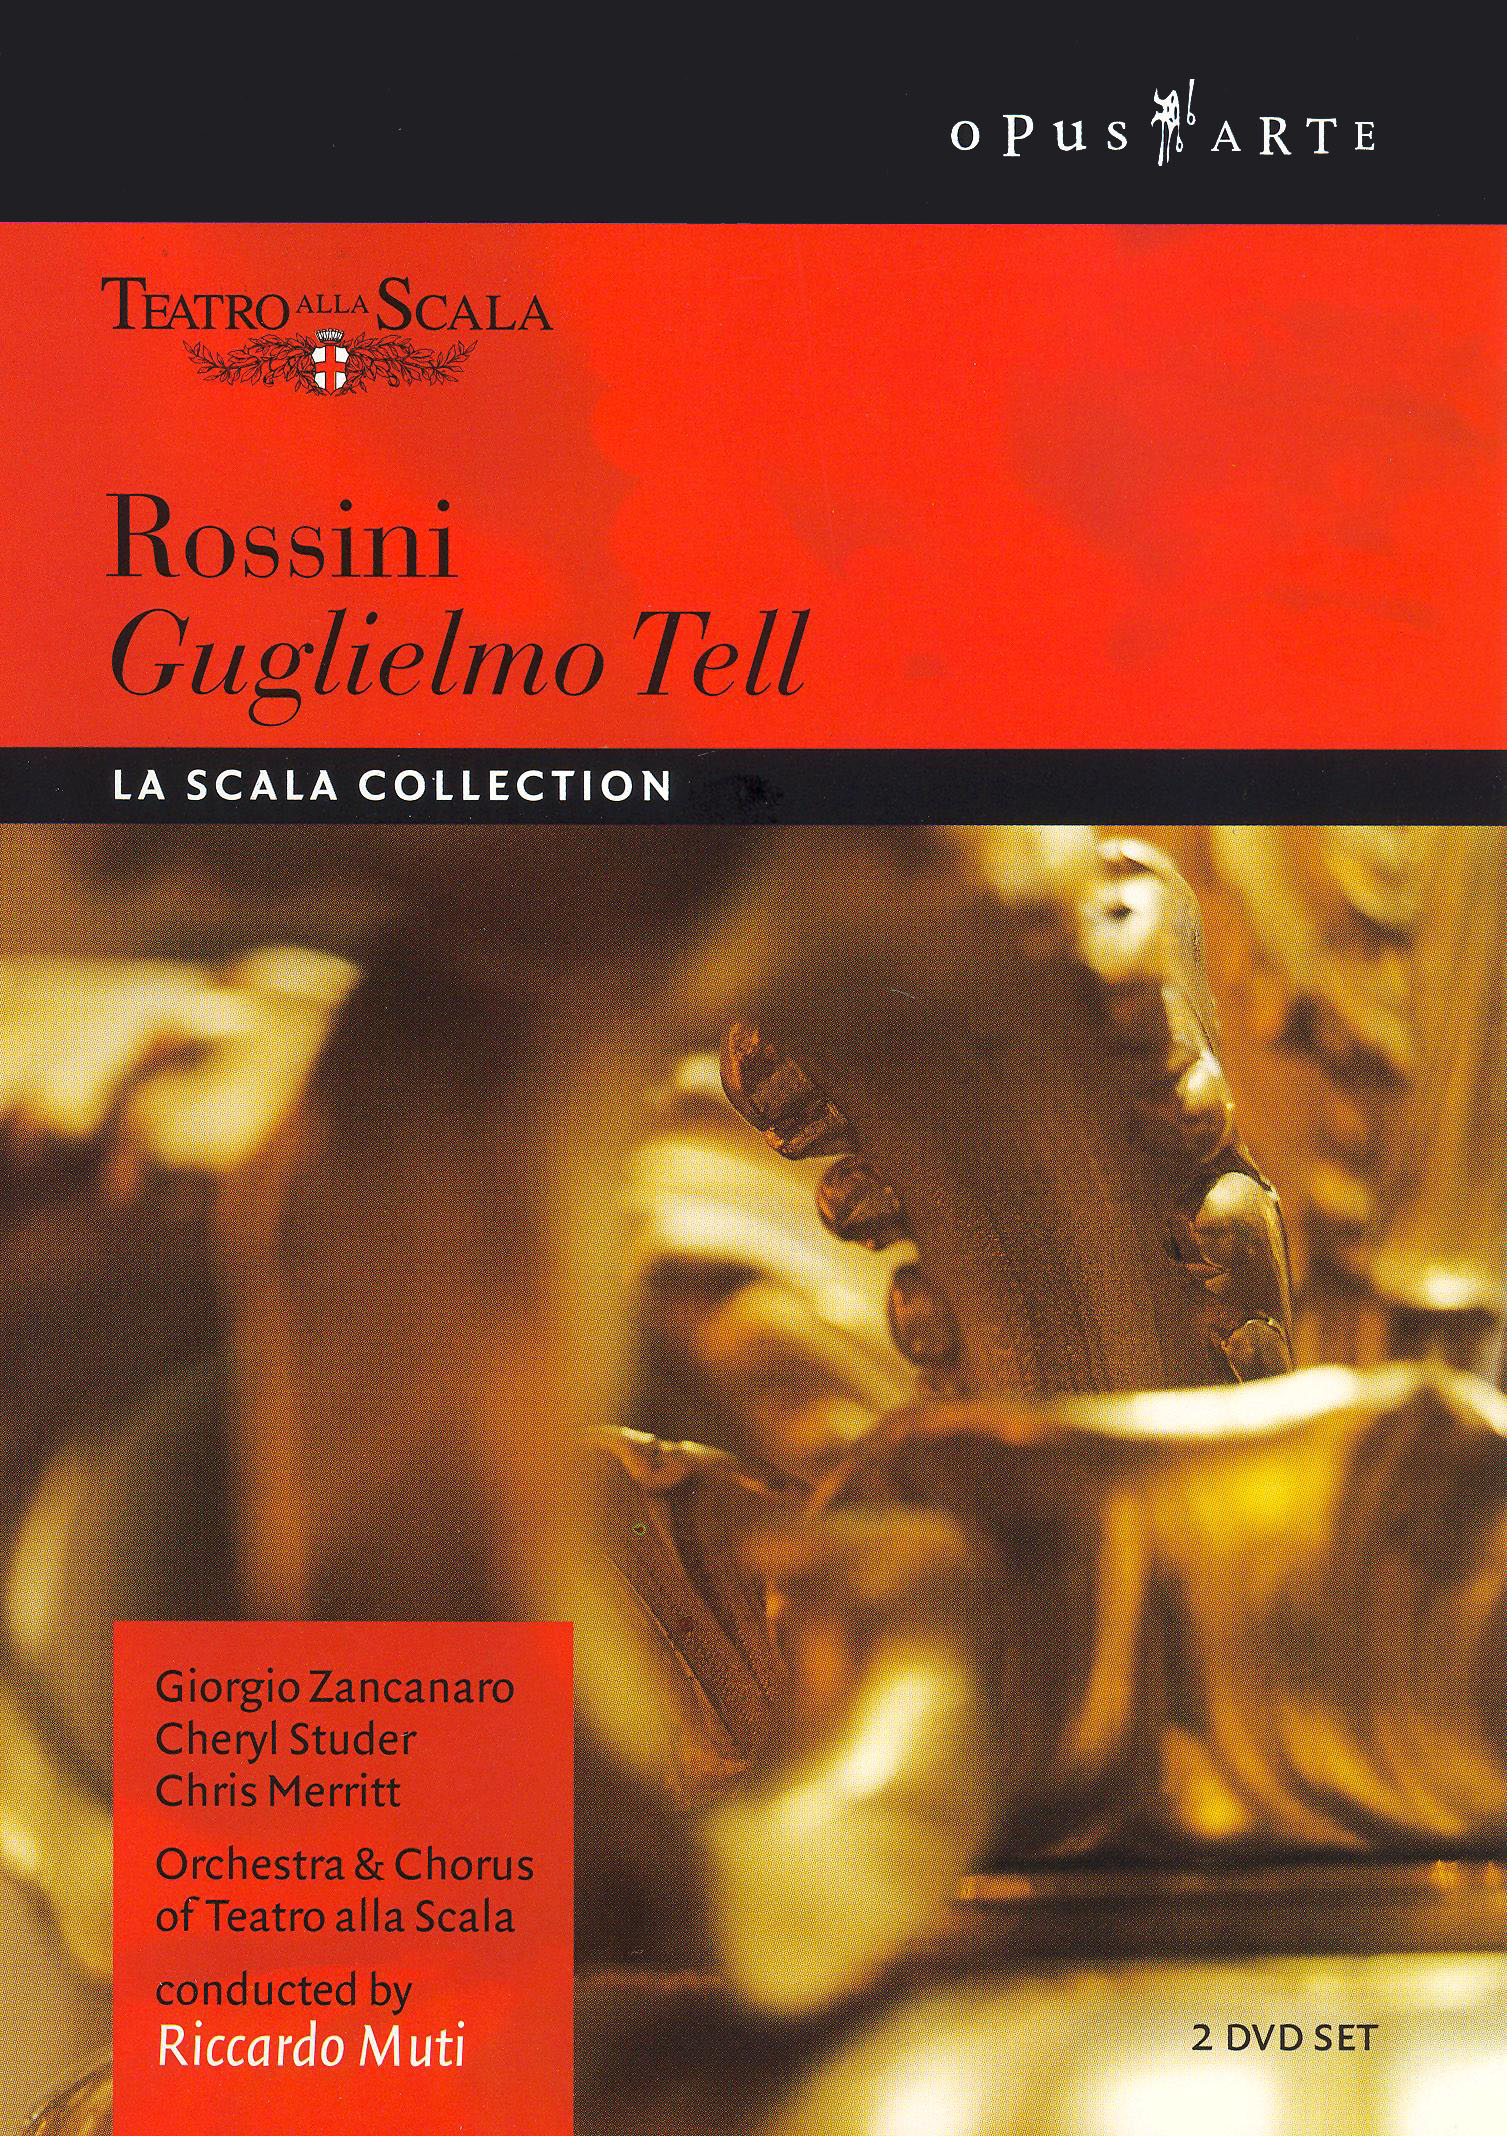 Rossini's William Tell